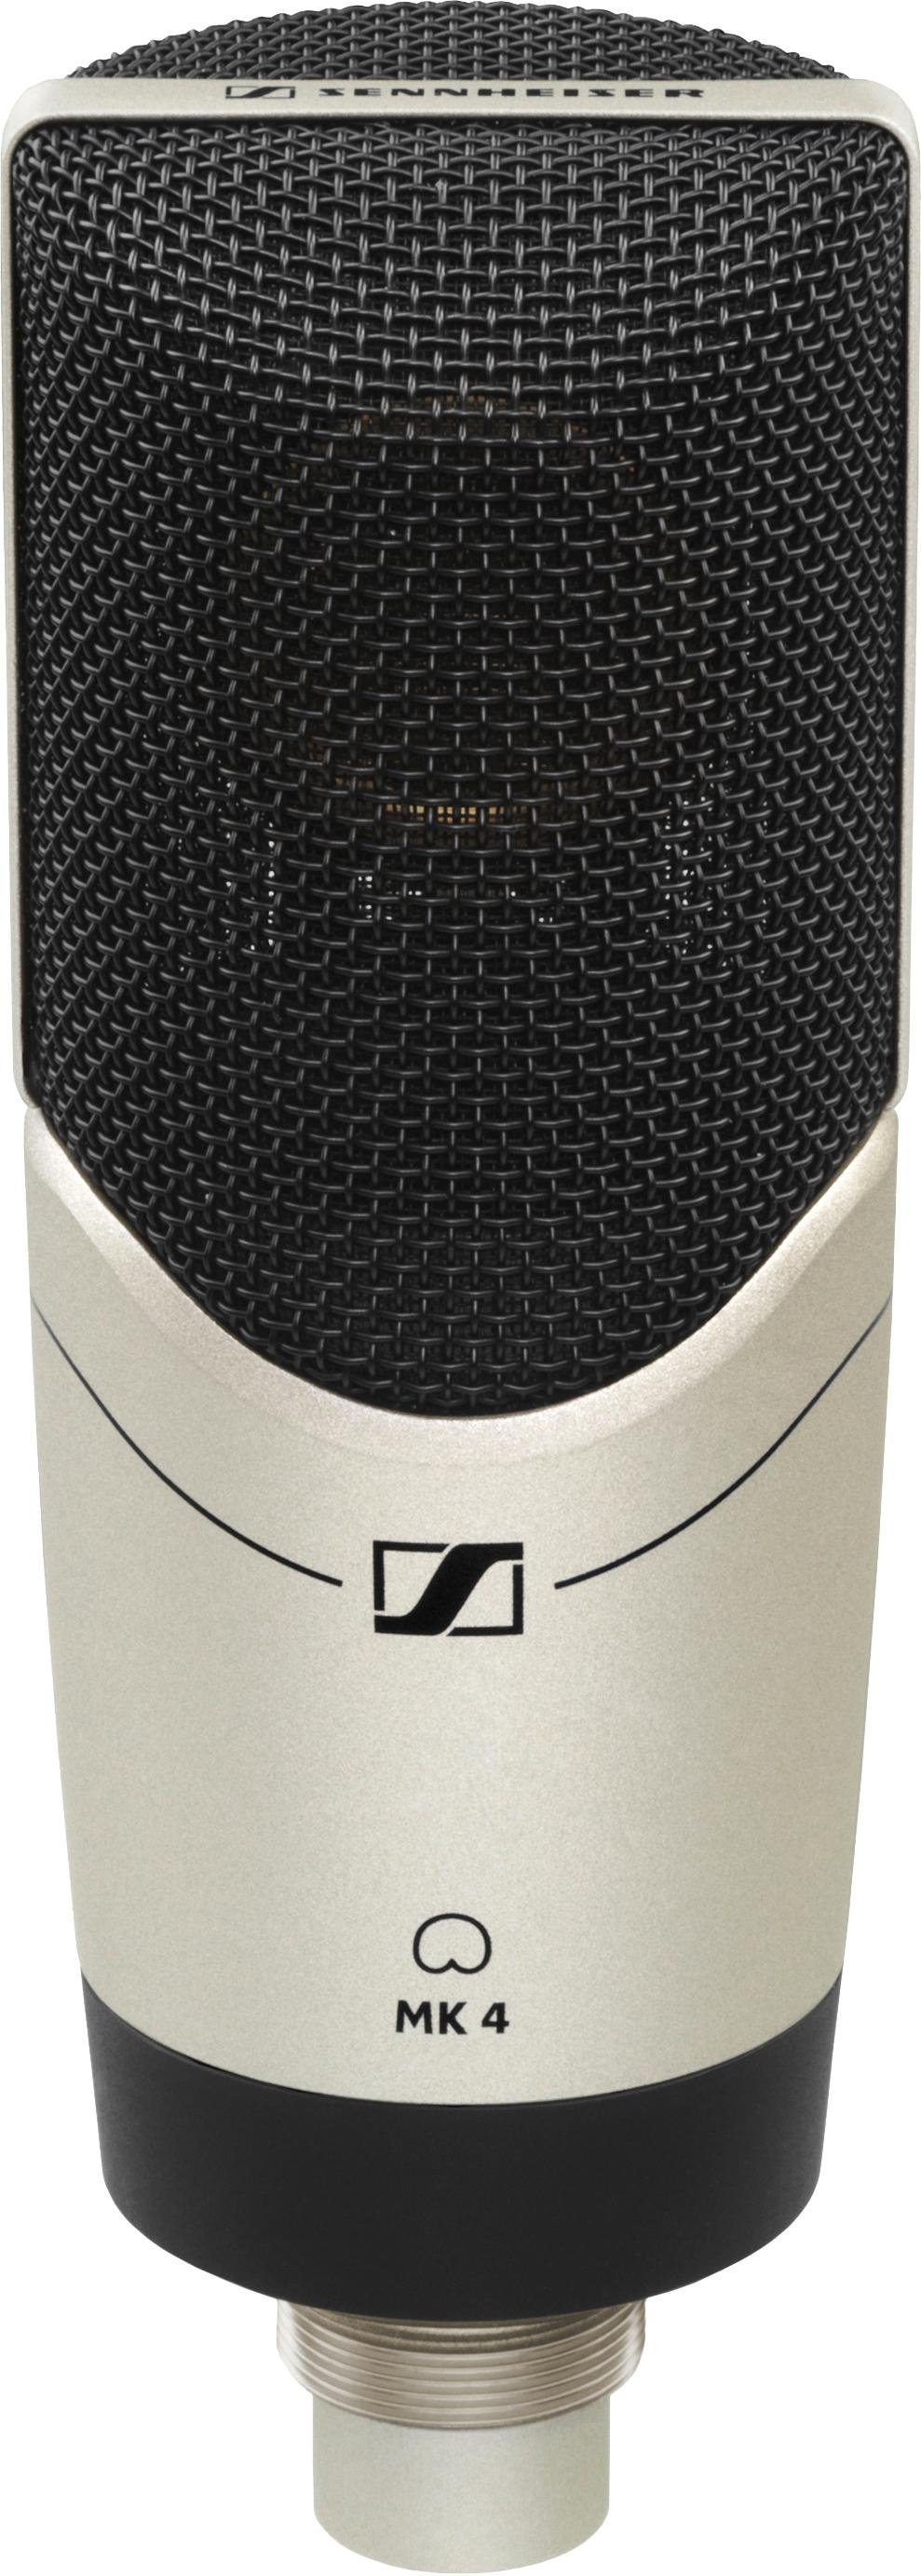 Sennheiser MK4 - Großmembran Mikrofon